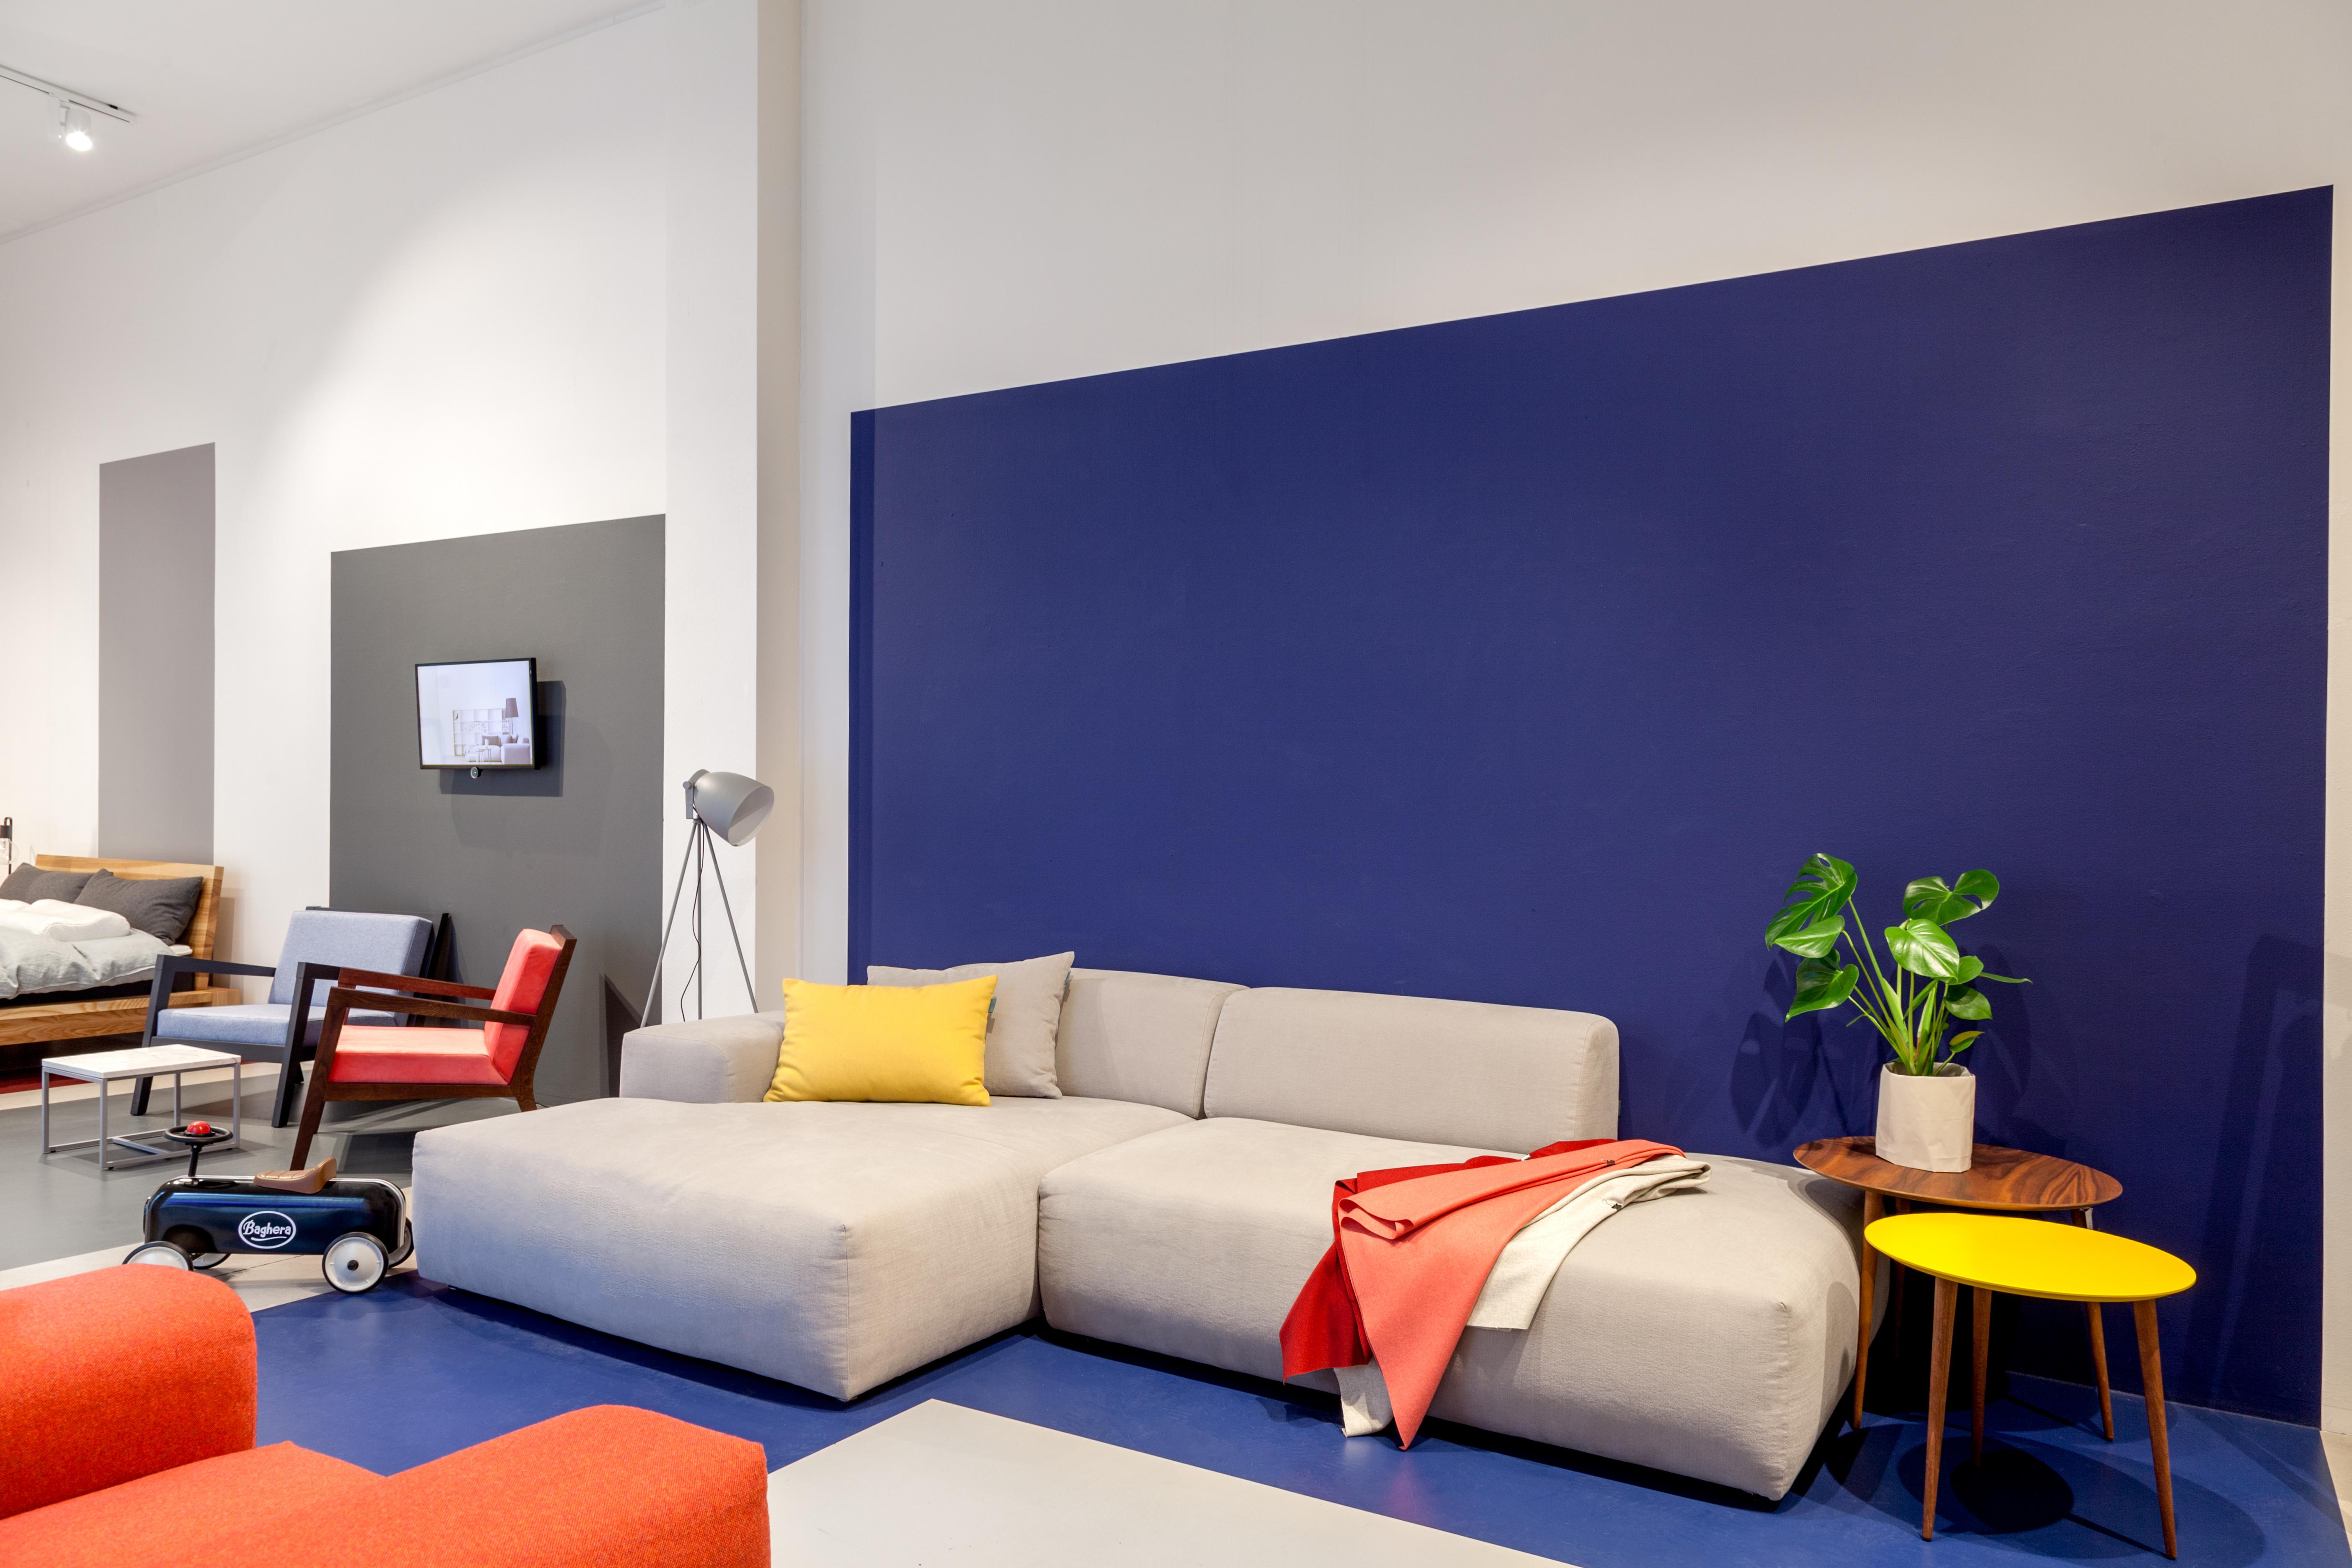 mycs showroom berlin mycs france. Black Bedroom Furniture Sets. Home Design Ideas